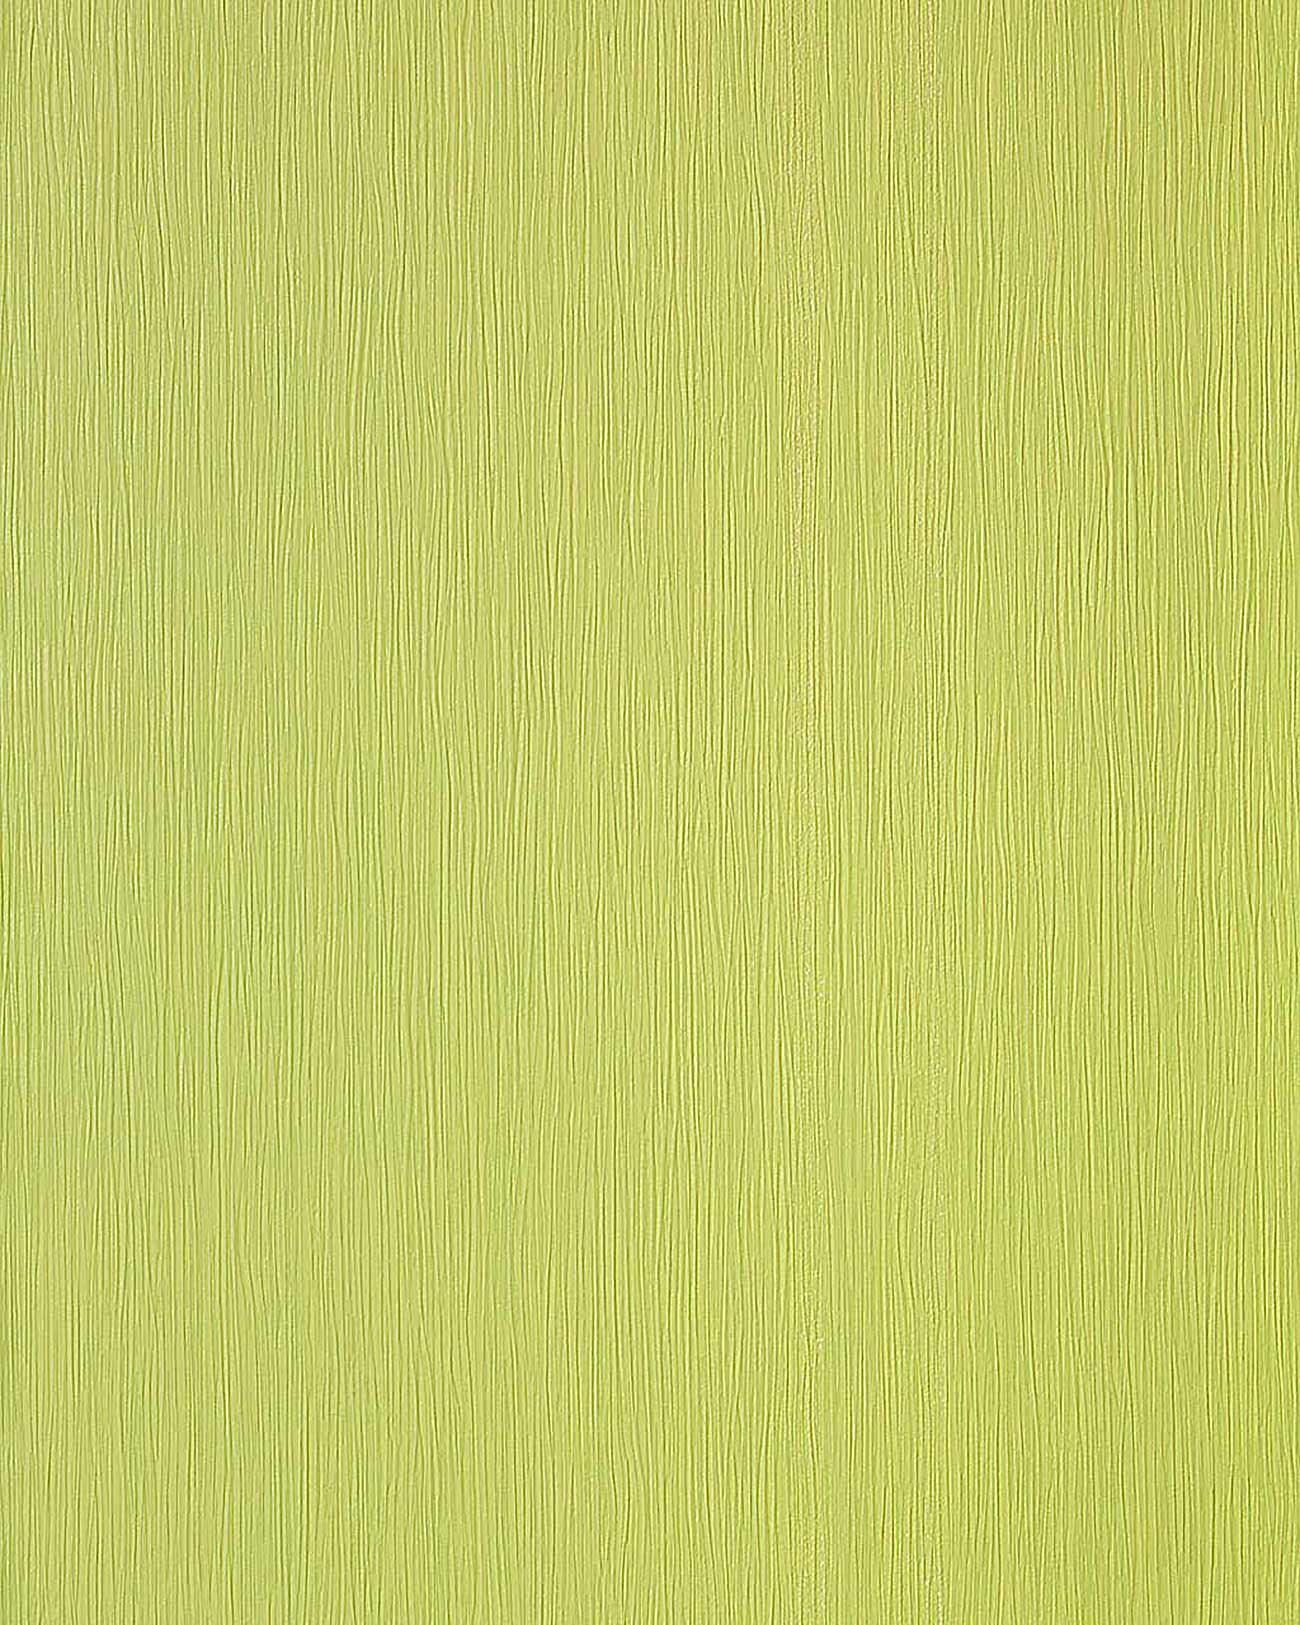 Carta da parati monocolore moderno verde kiwi perlato for Carta parati verde